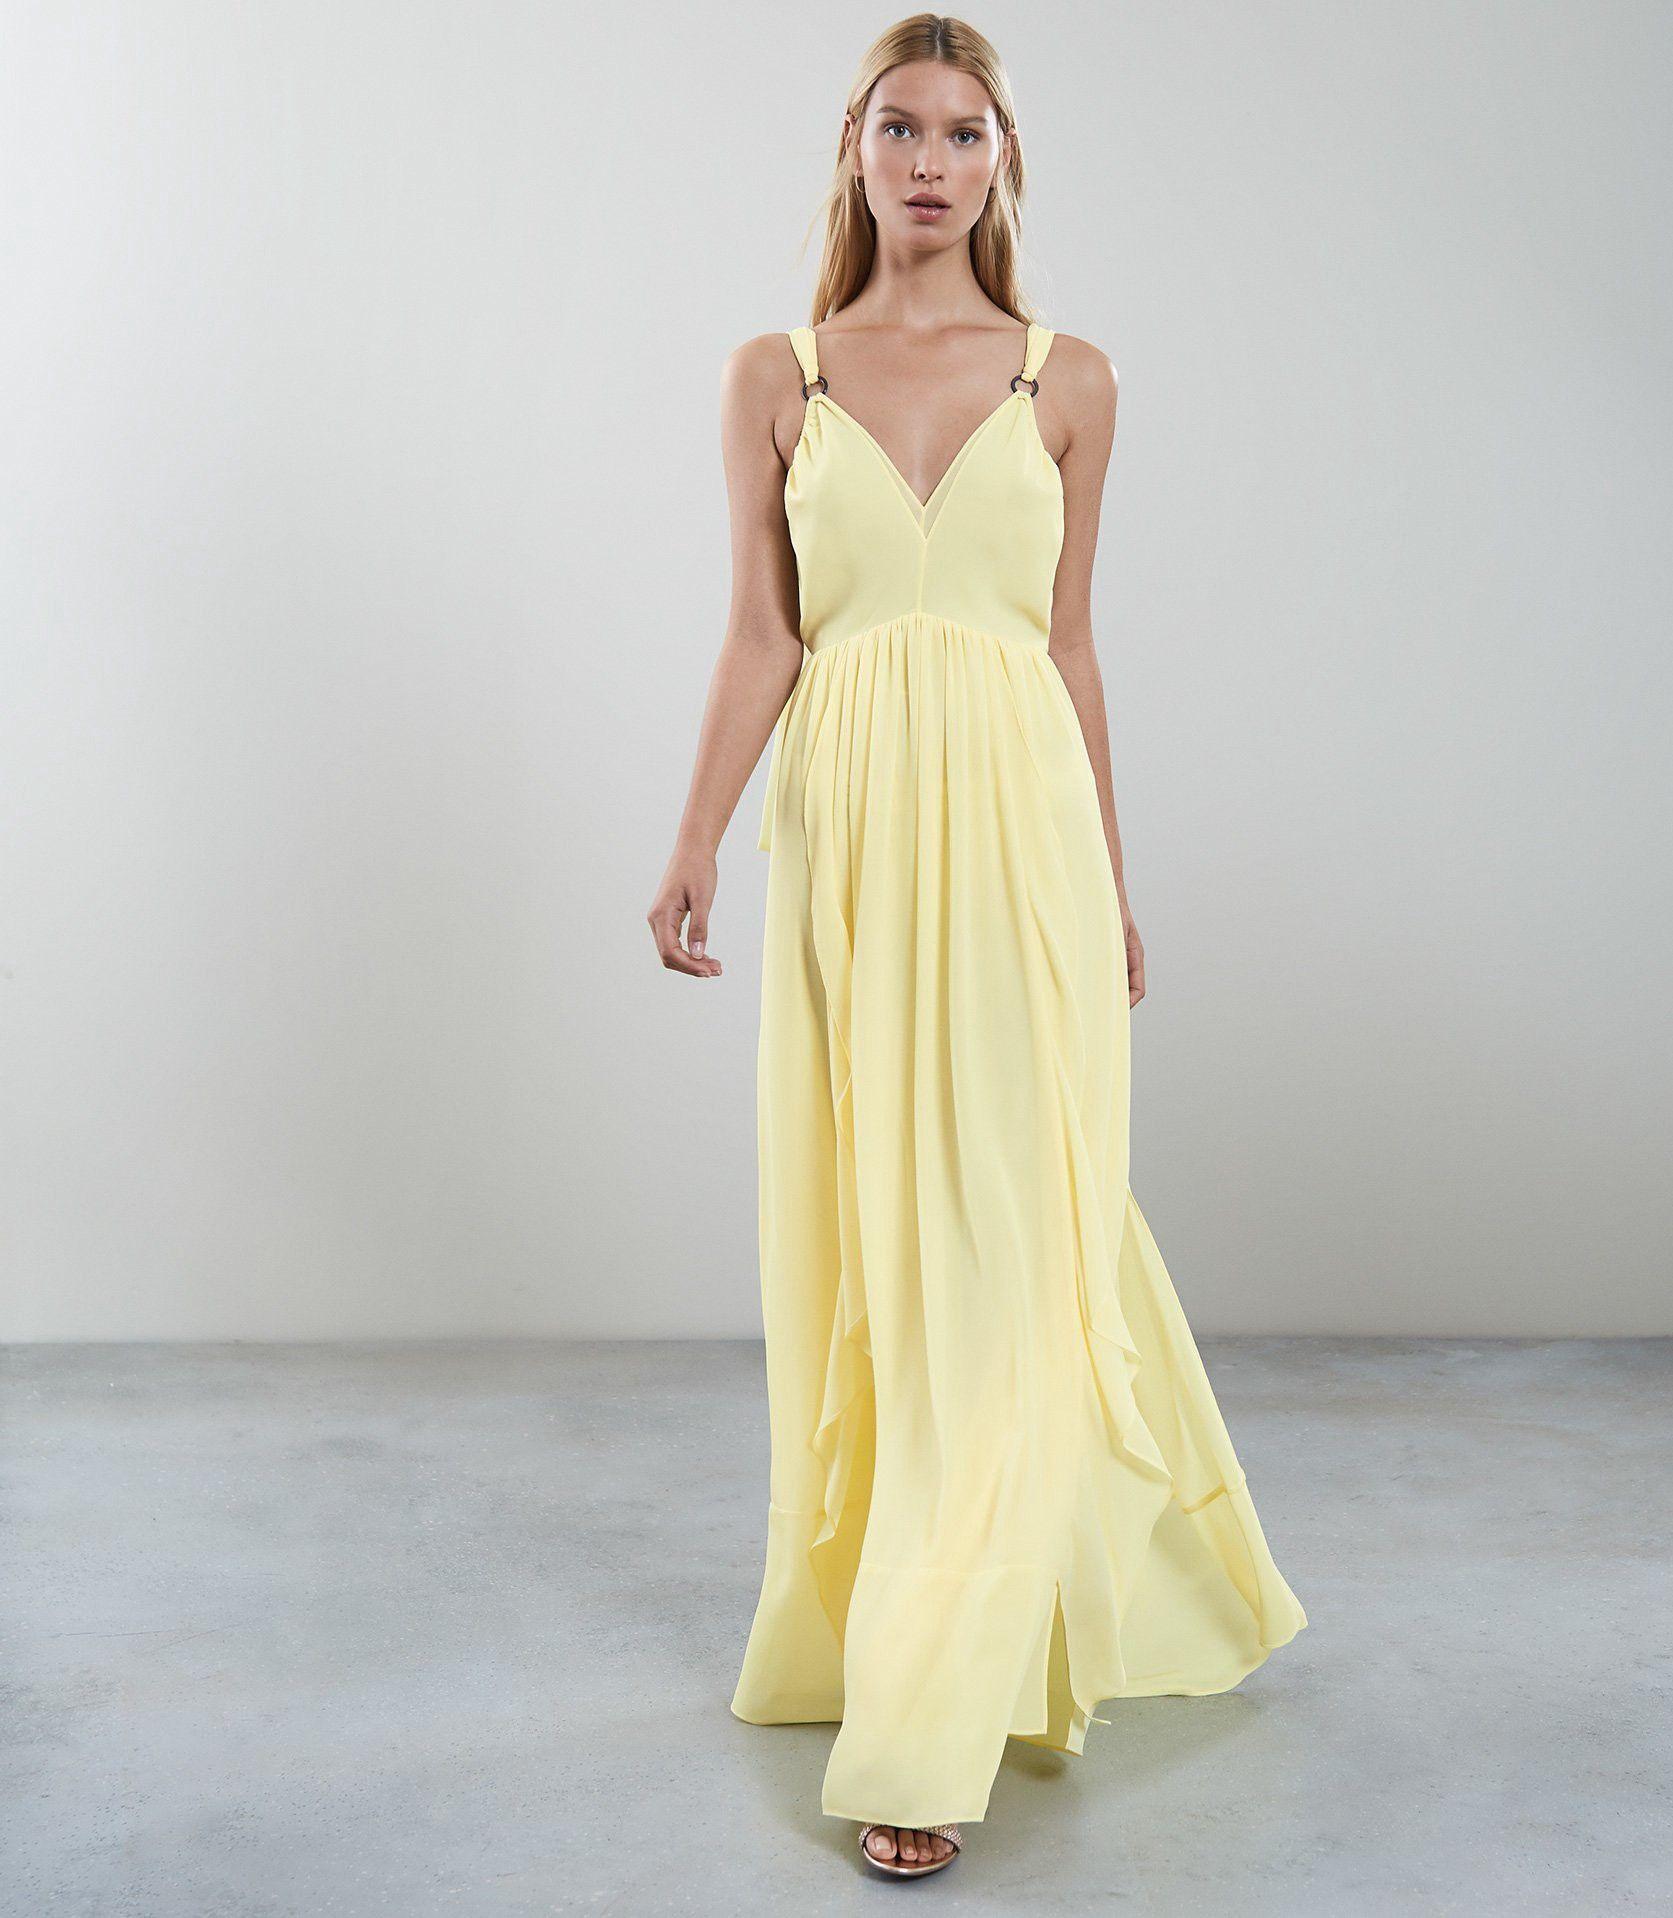 33f5c14f27 Reiss Carlotta Ruffle-Detail Maxi Dress Yellow - 10   Products ...